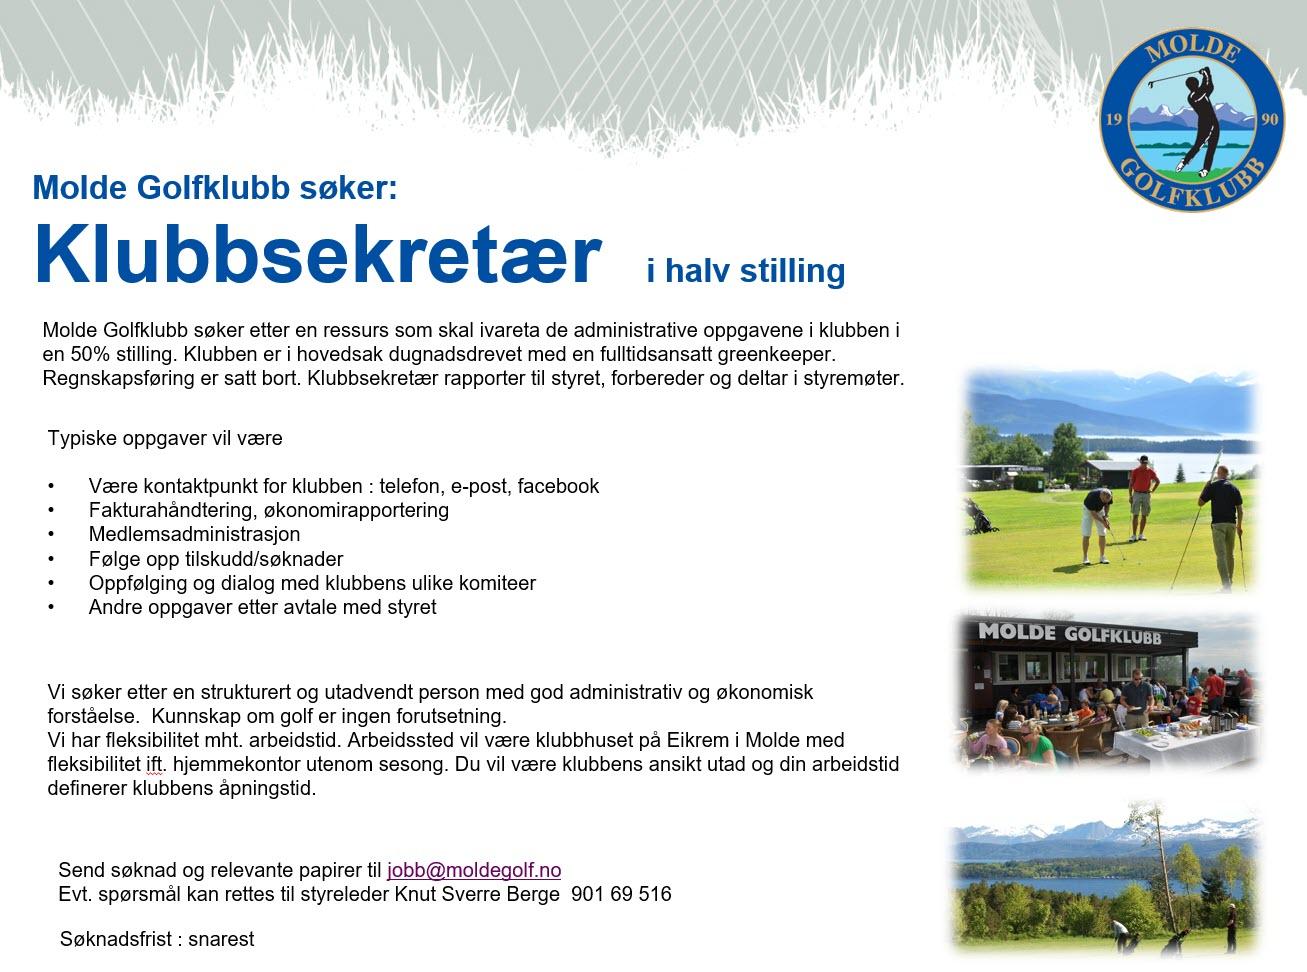 Molde Golfklubb annonse klubbsekretær juni 2019.jpg